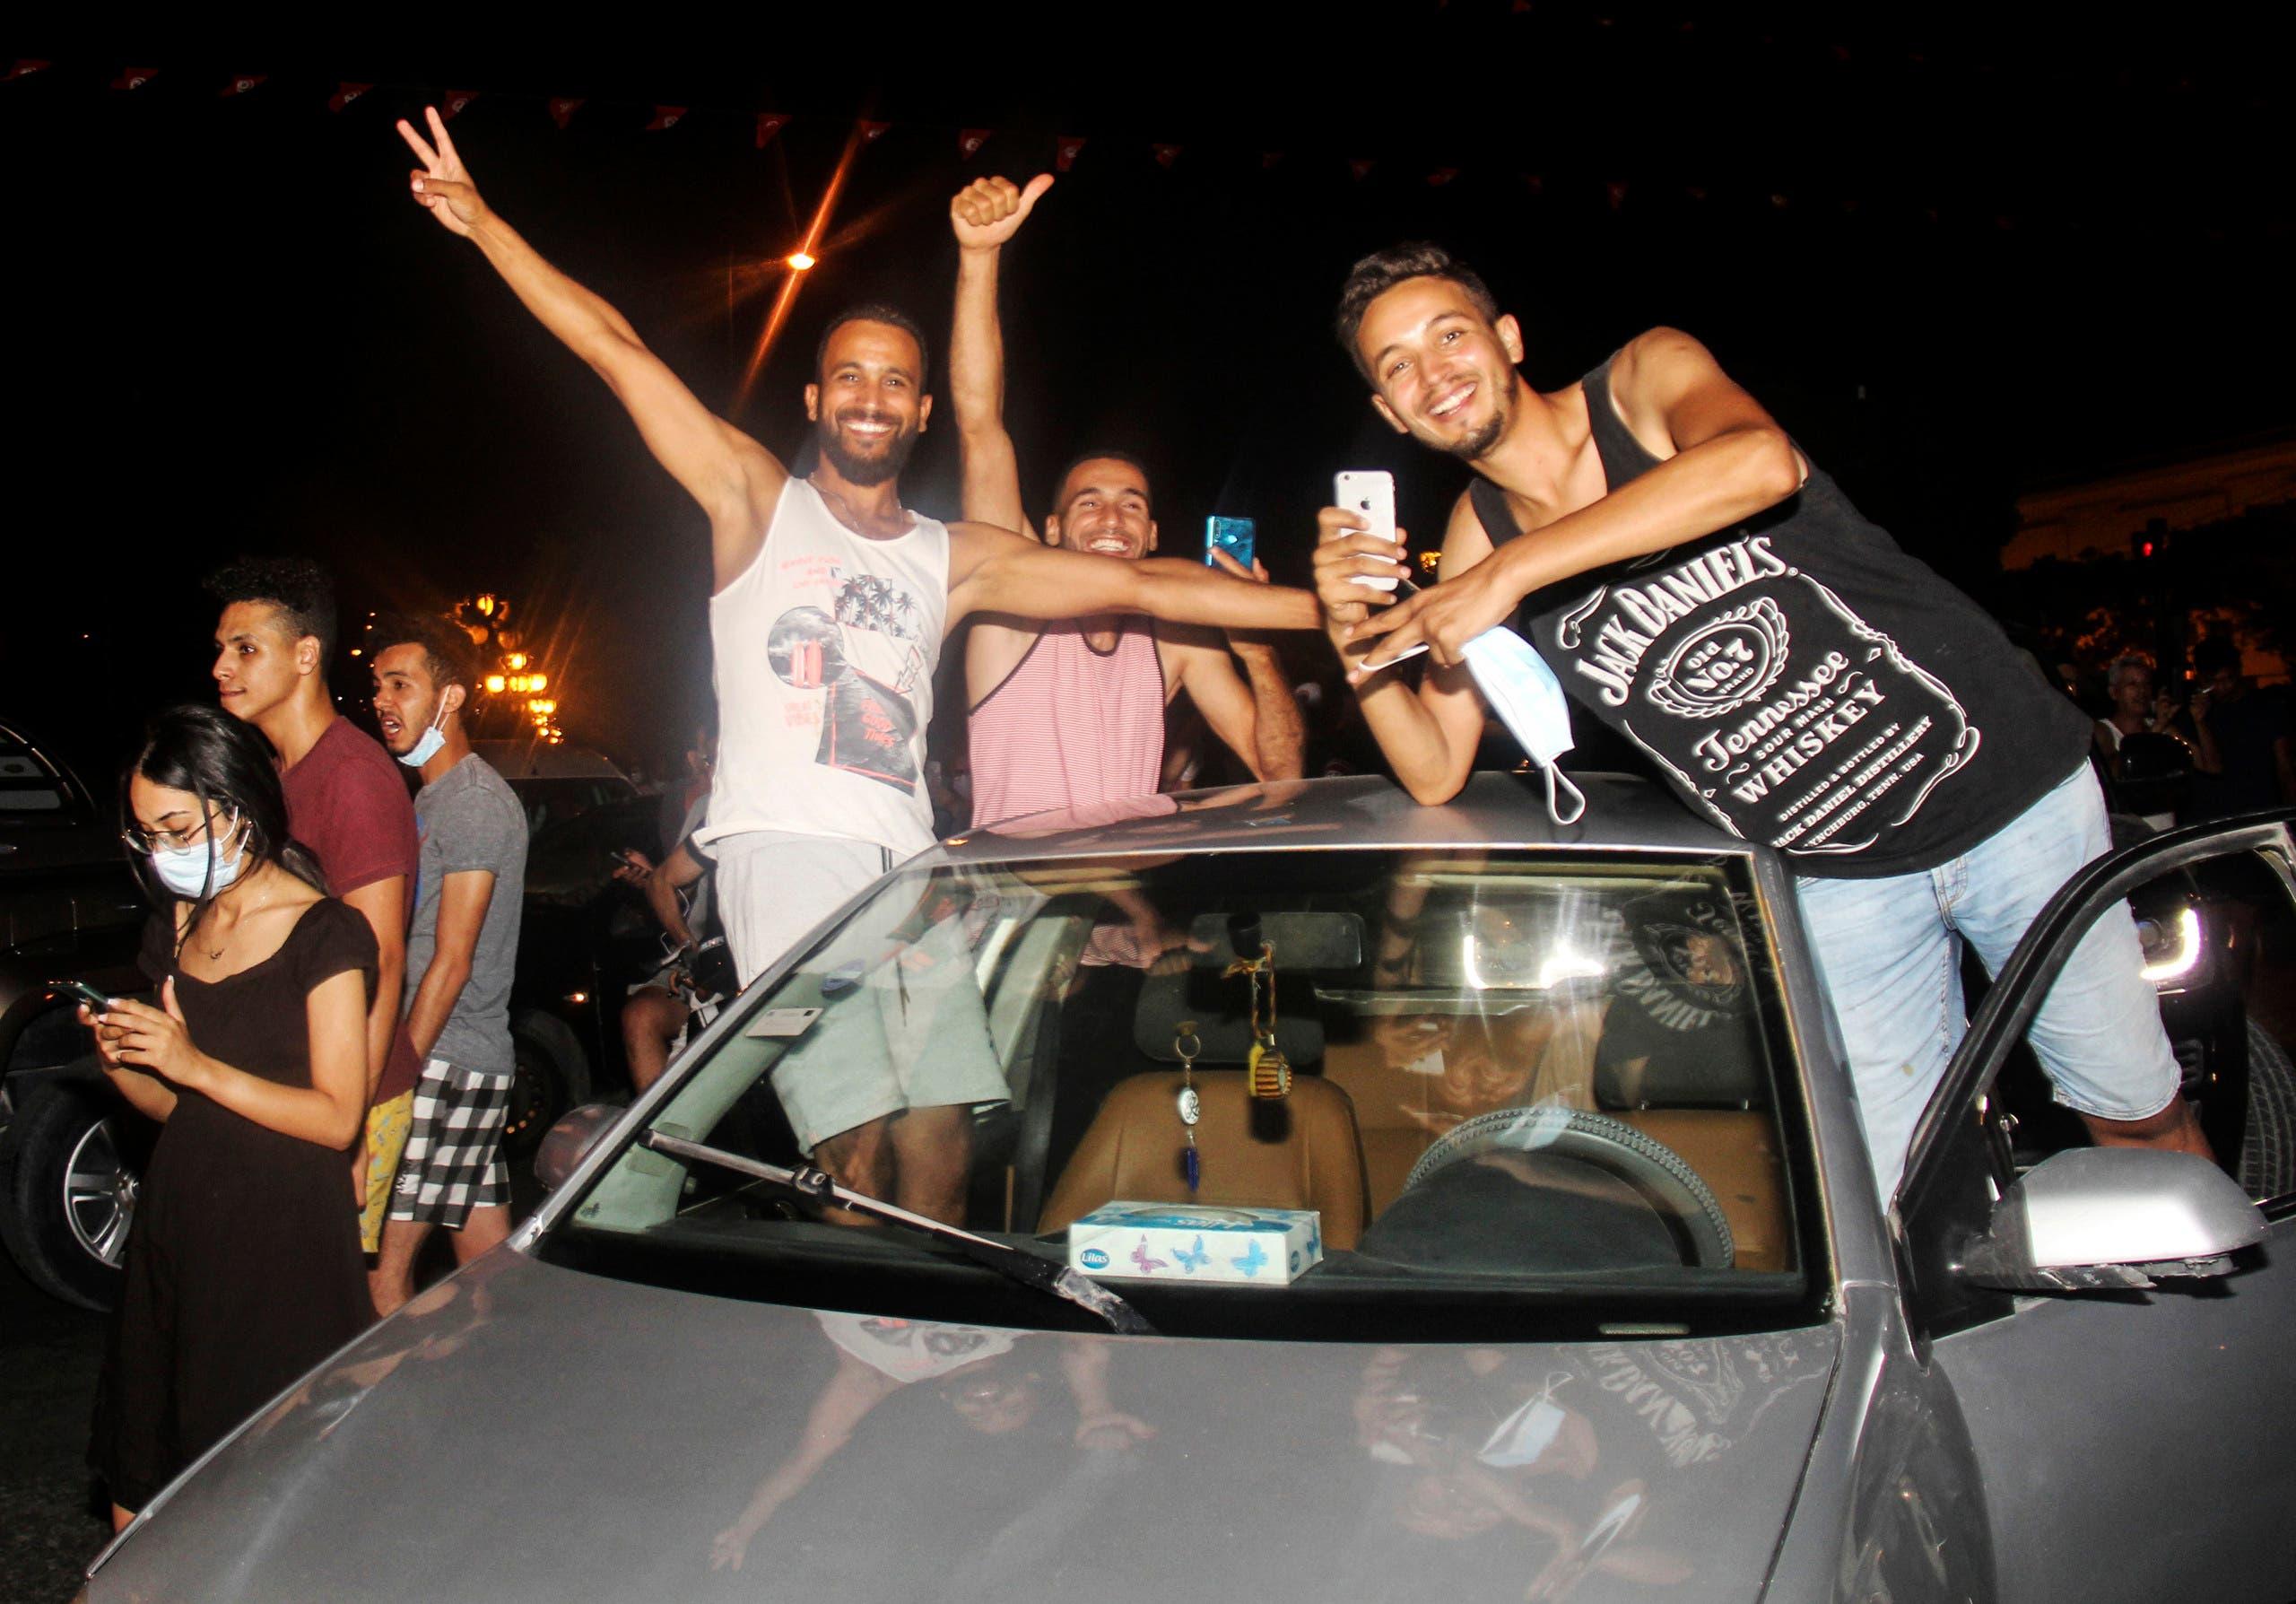 مناصرون لقيس سعيد يحتفلون بقراراته مساء الأحد في تونس